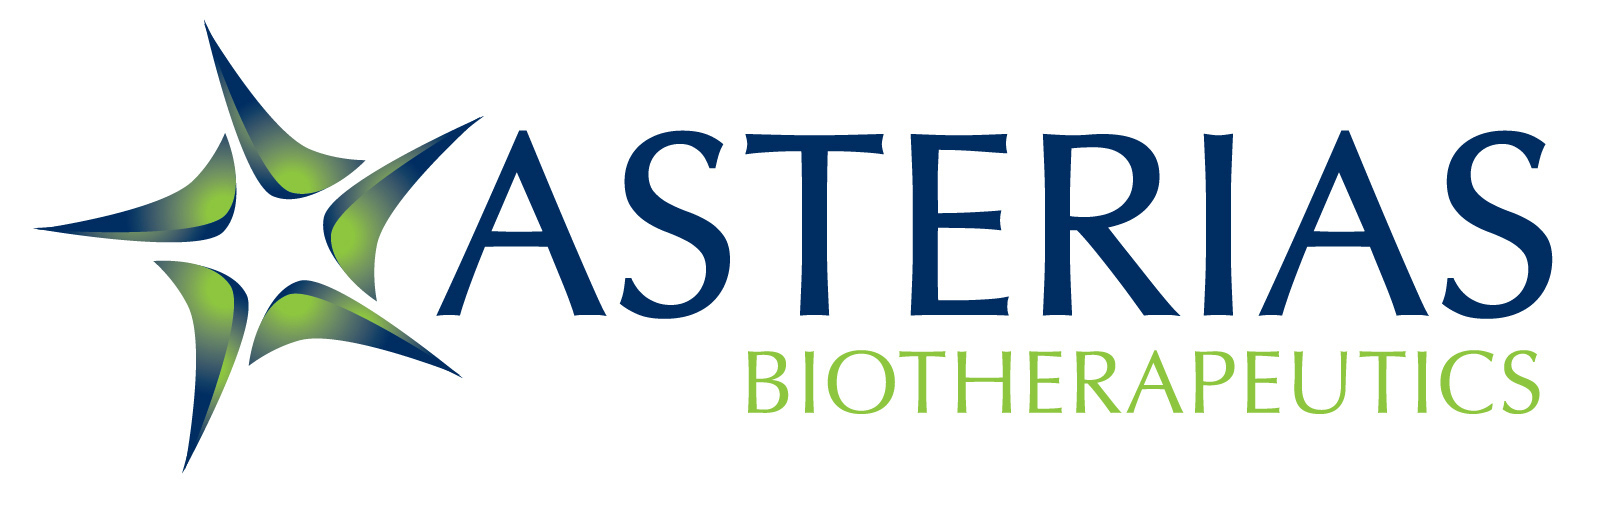 Asterias Biotherapeutics | The Stem Cellar | Page 3